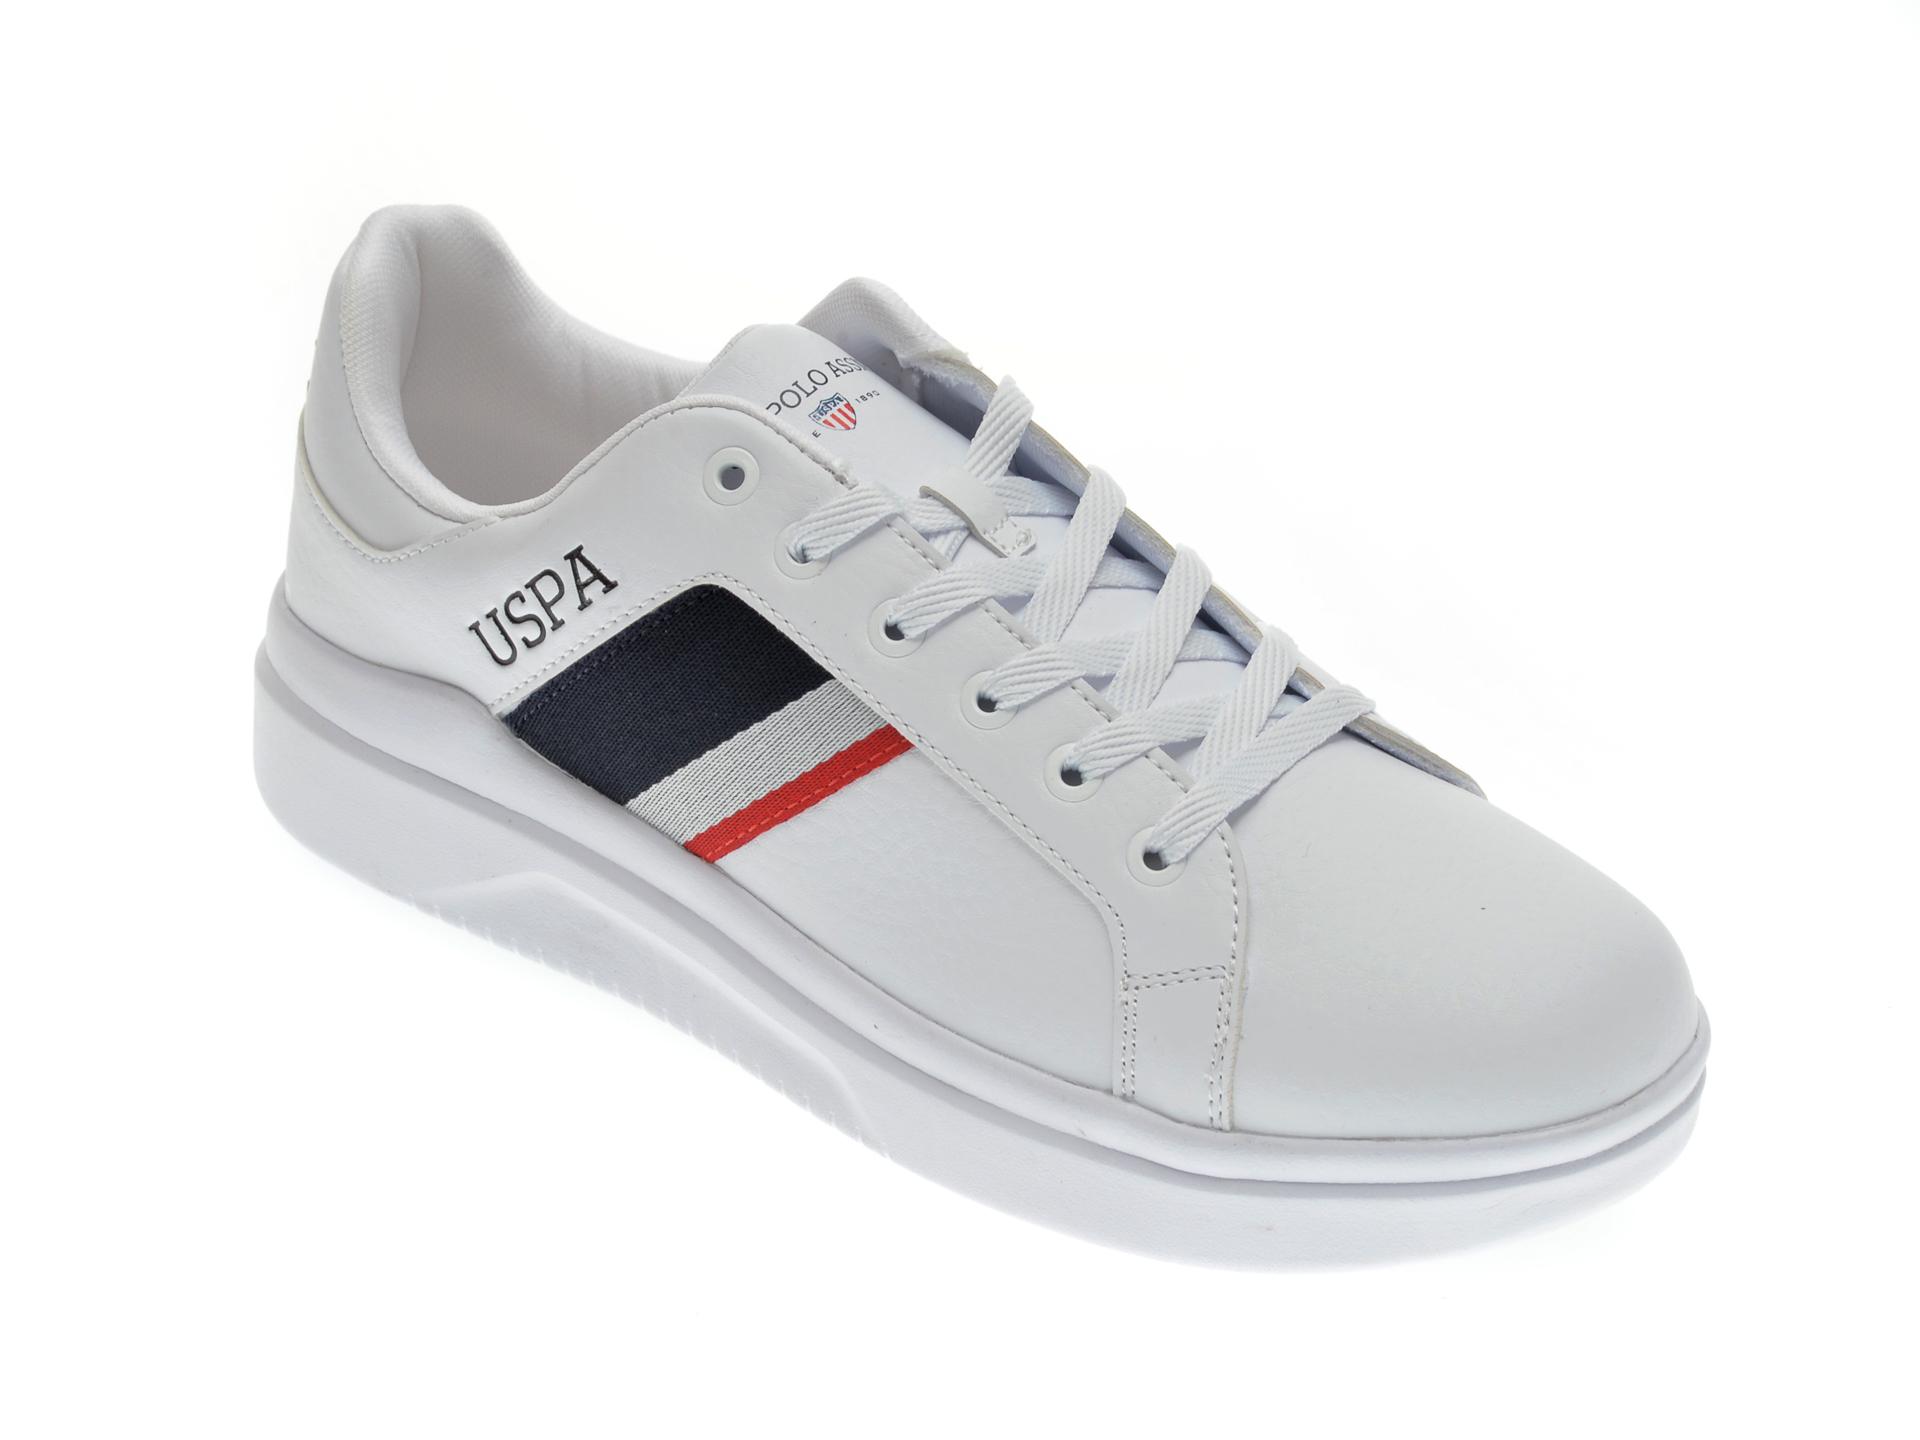 Pantofi sport US POLO ASSN albi, 417797, din piele ecologica imagine